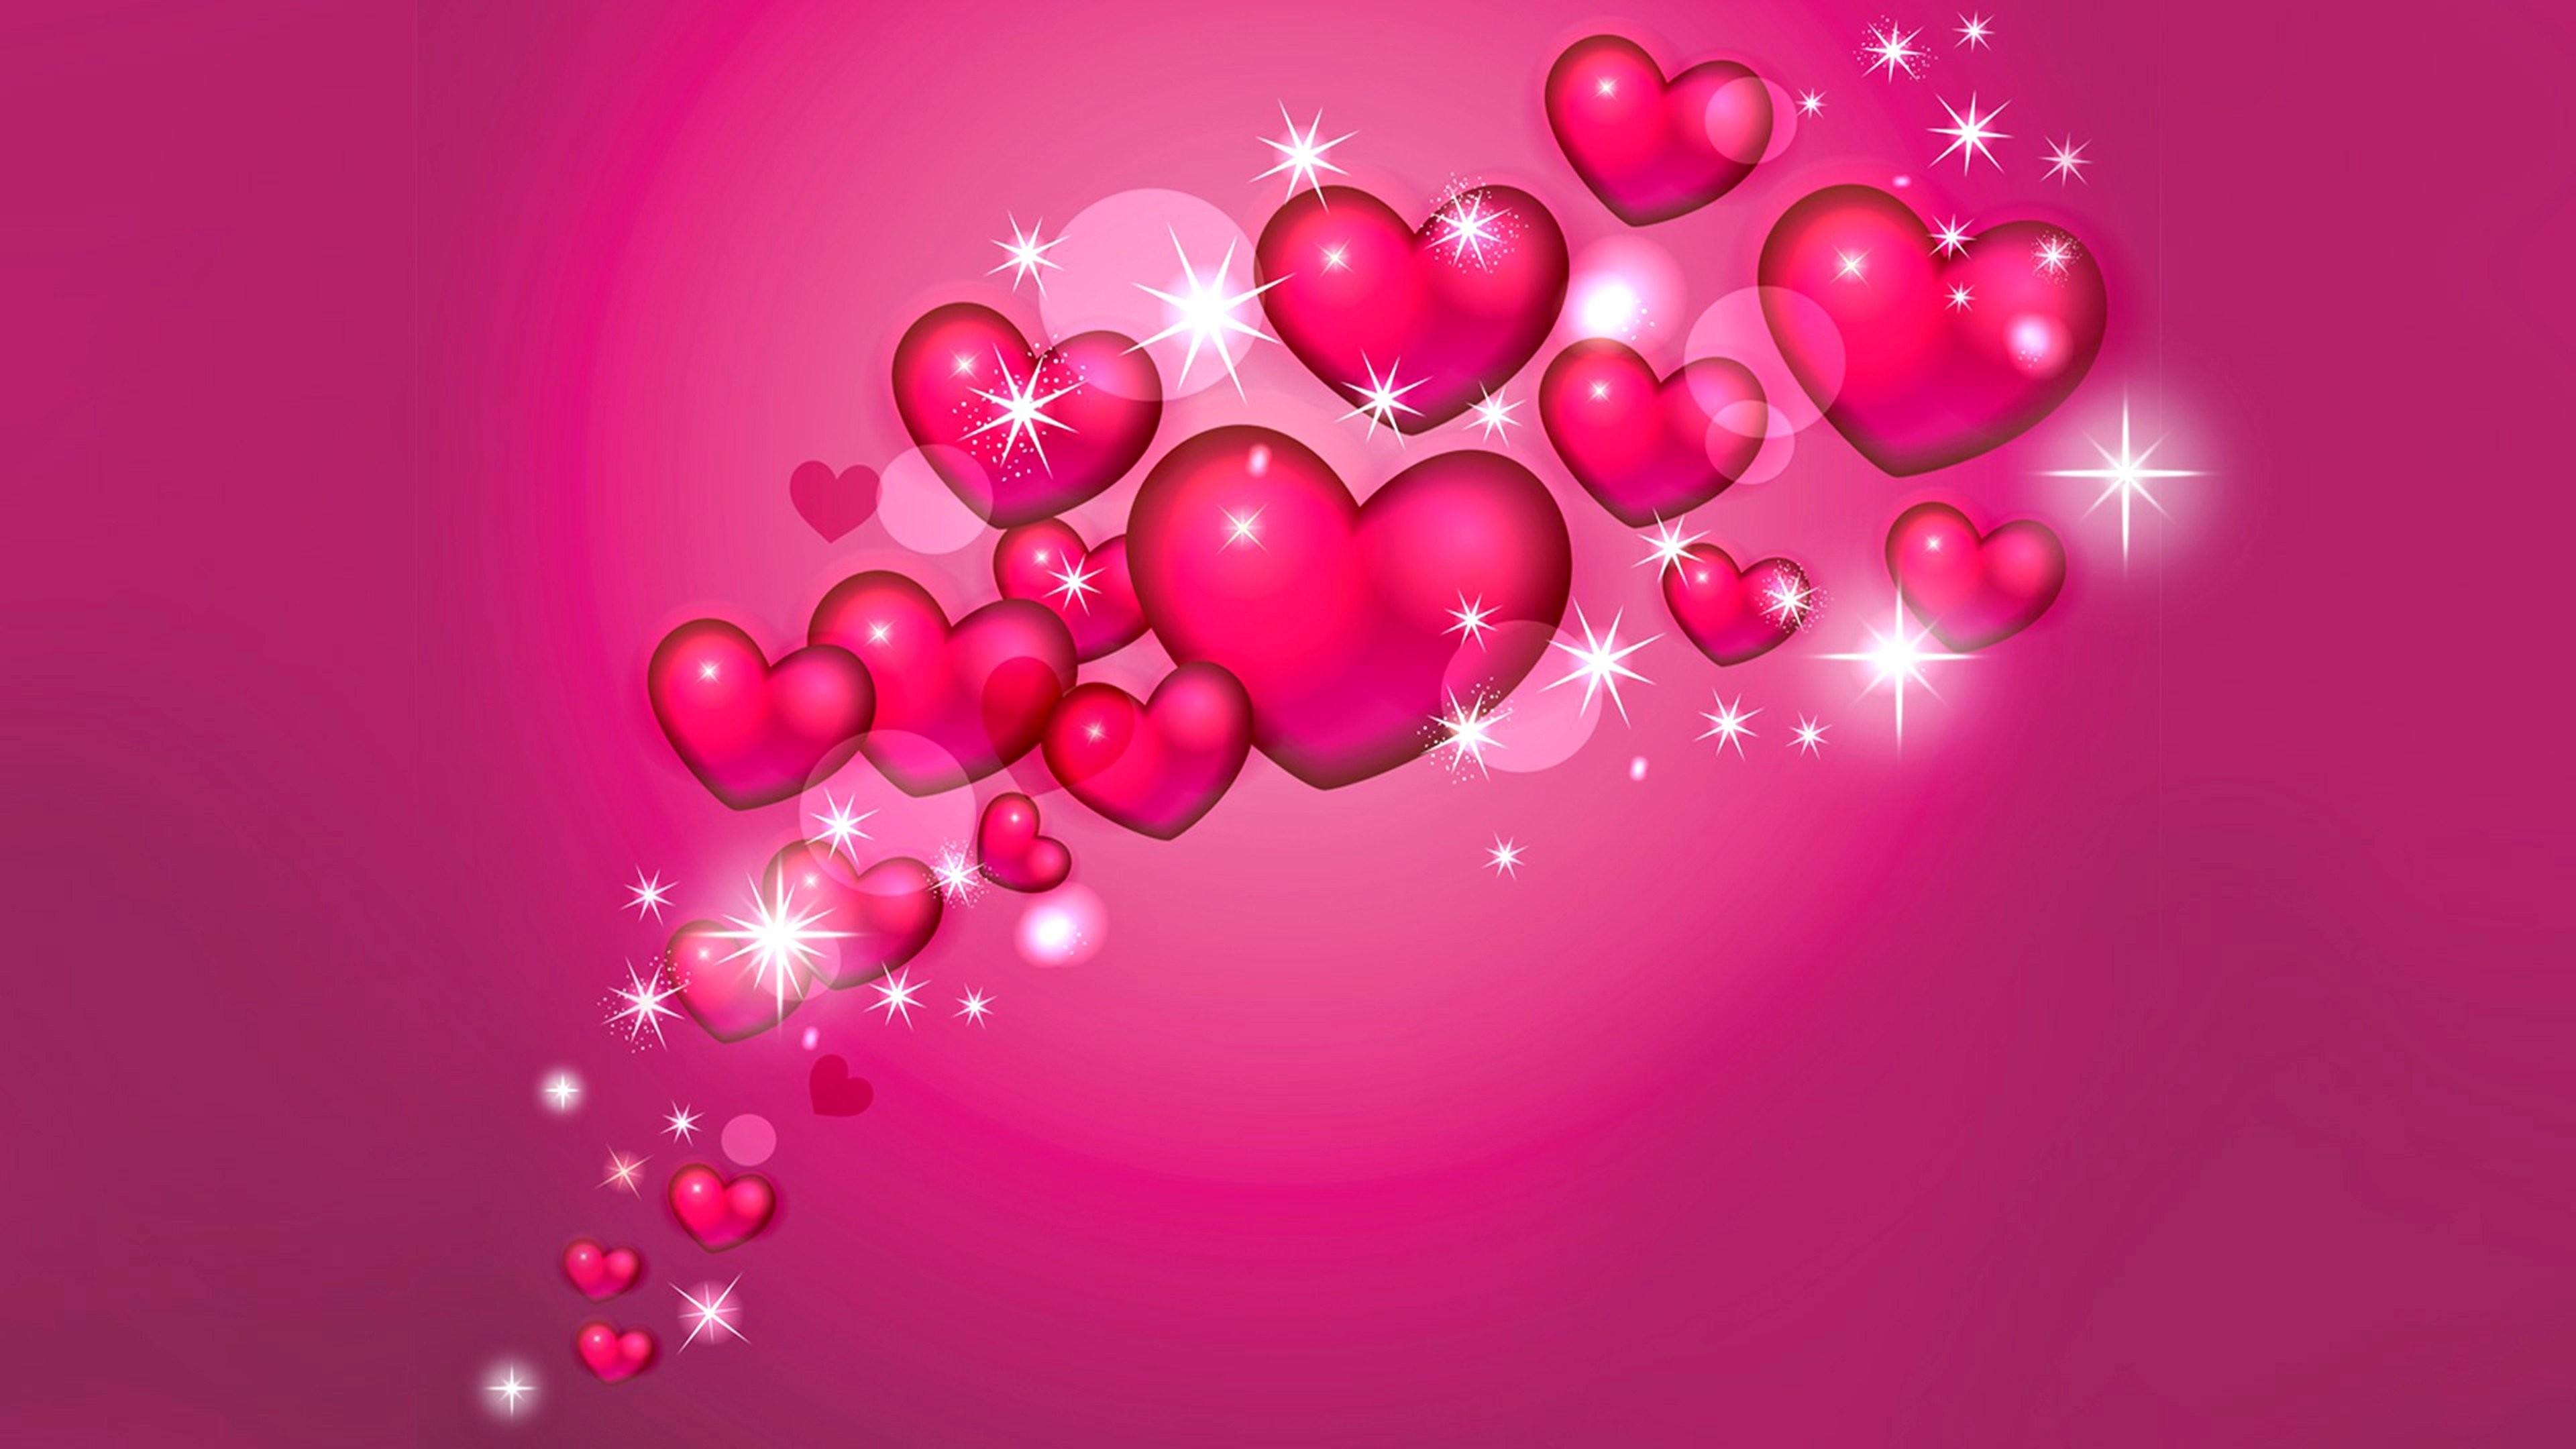 Res: 3840x2160, Künstlerisch - Herz Künstlerisch Pink Sparkles Glitter Wallpaper